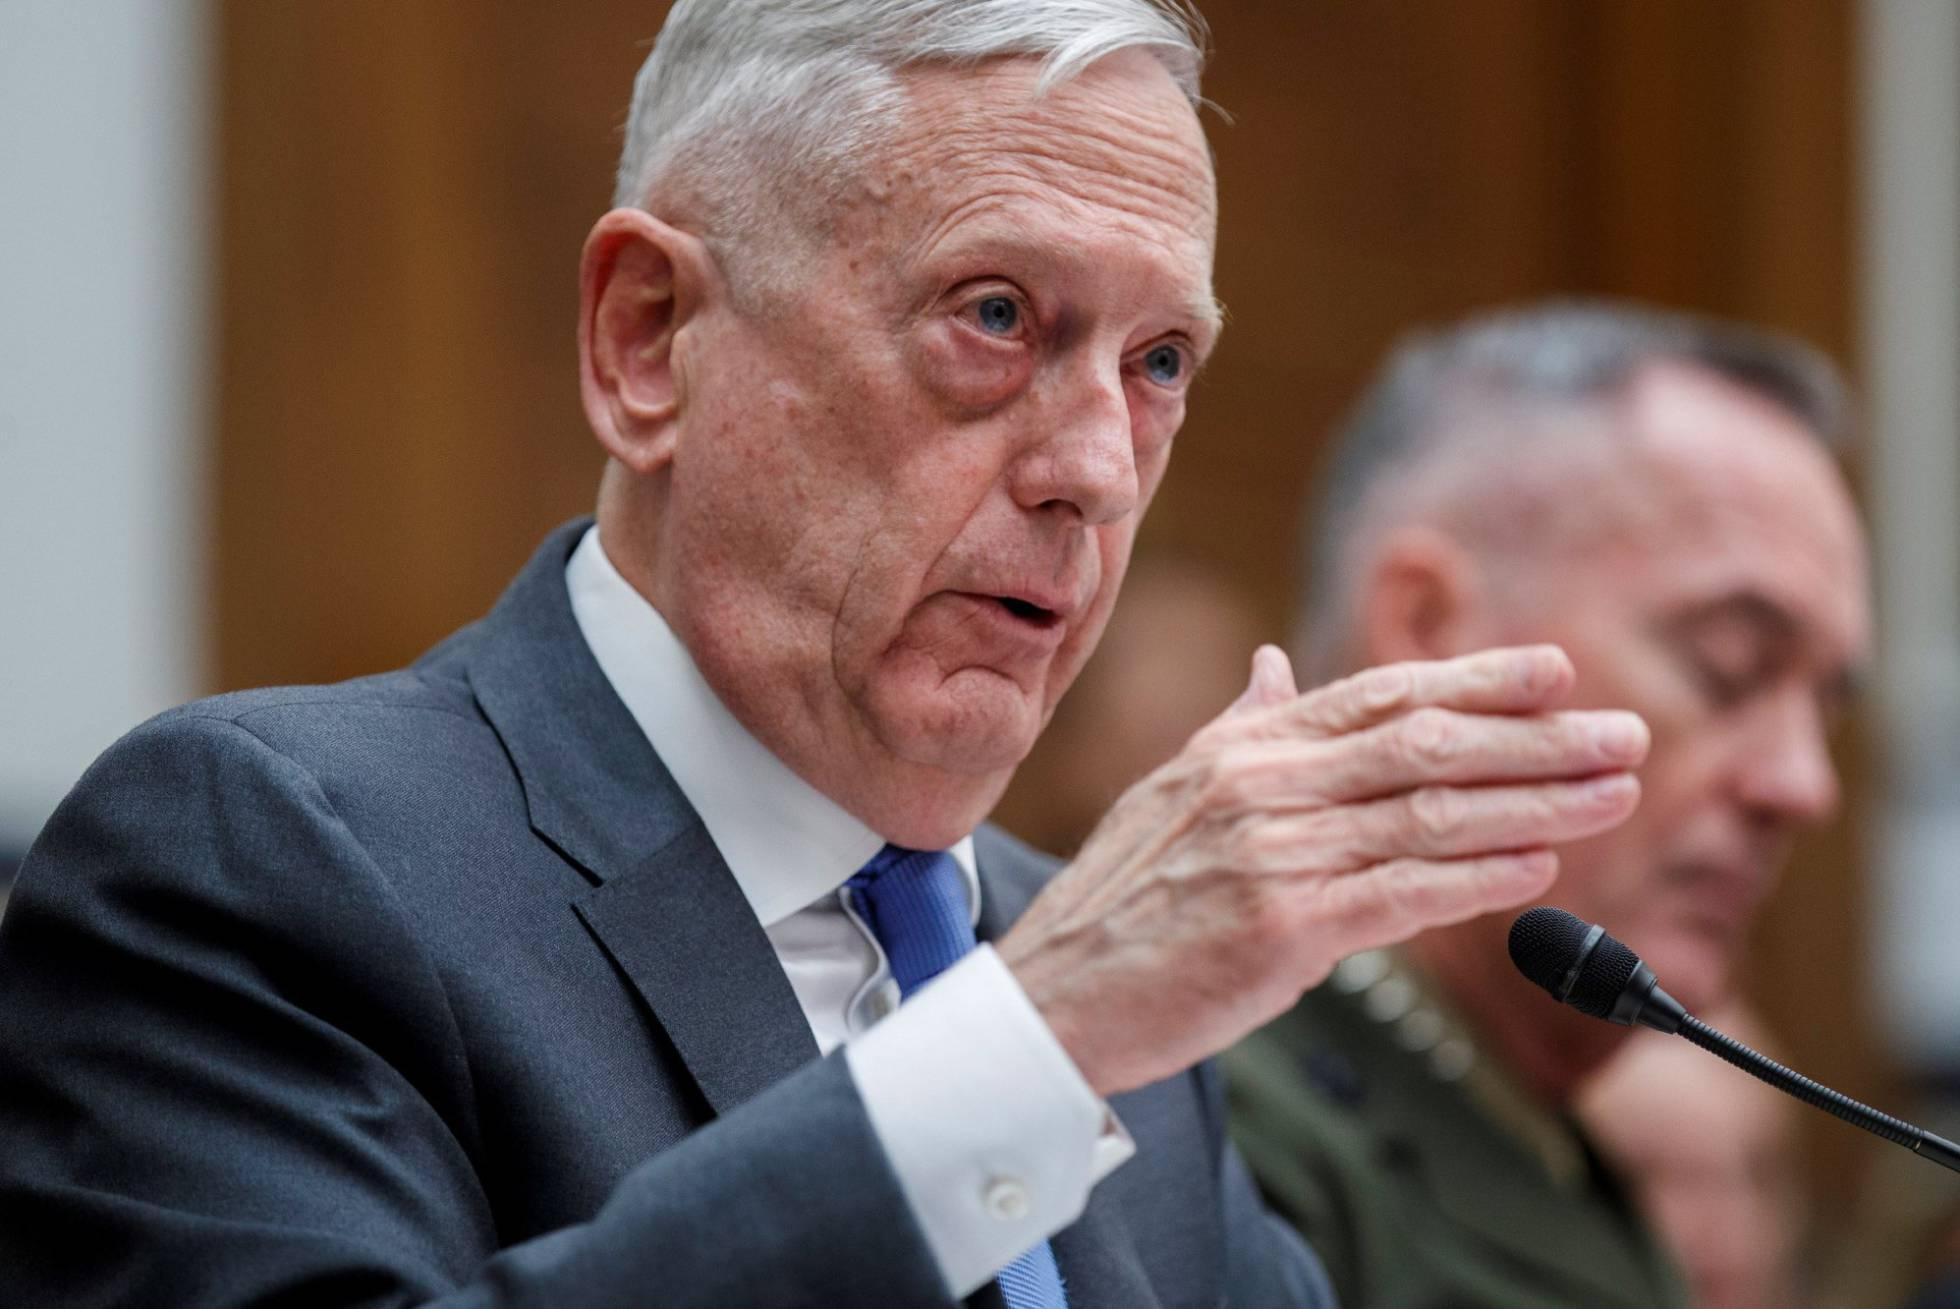 El jefe del Pentágono afirma que aún no se ha tomado la decisión de atacar Siria